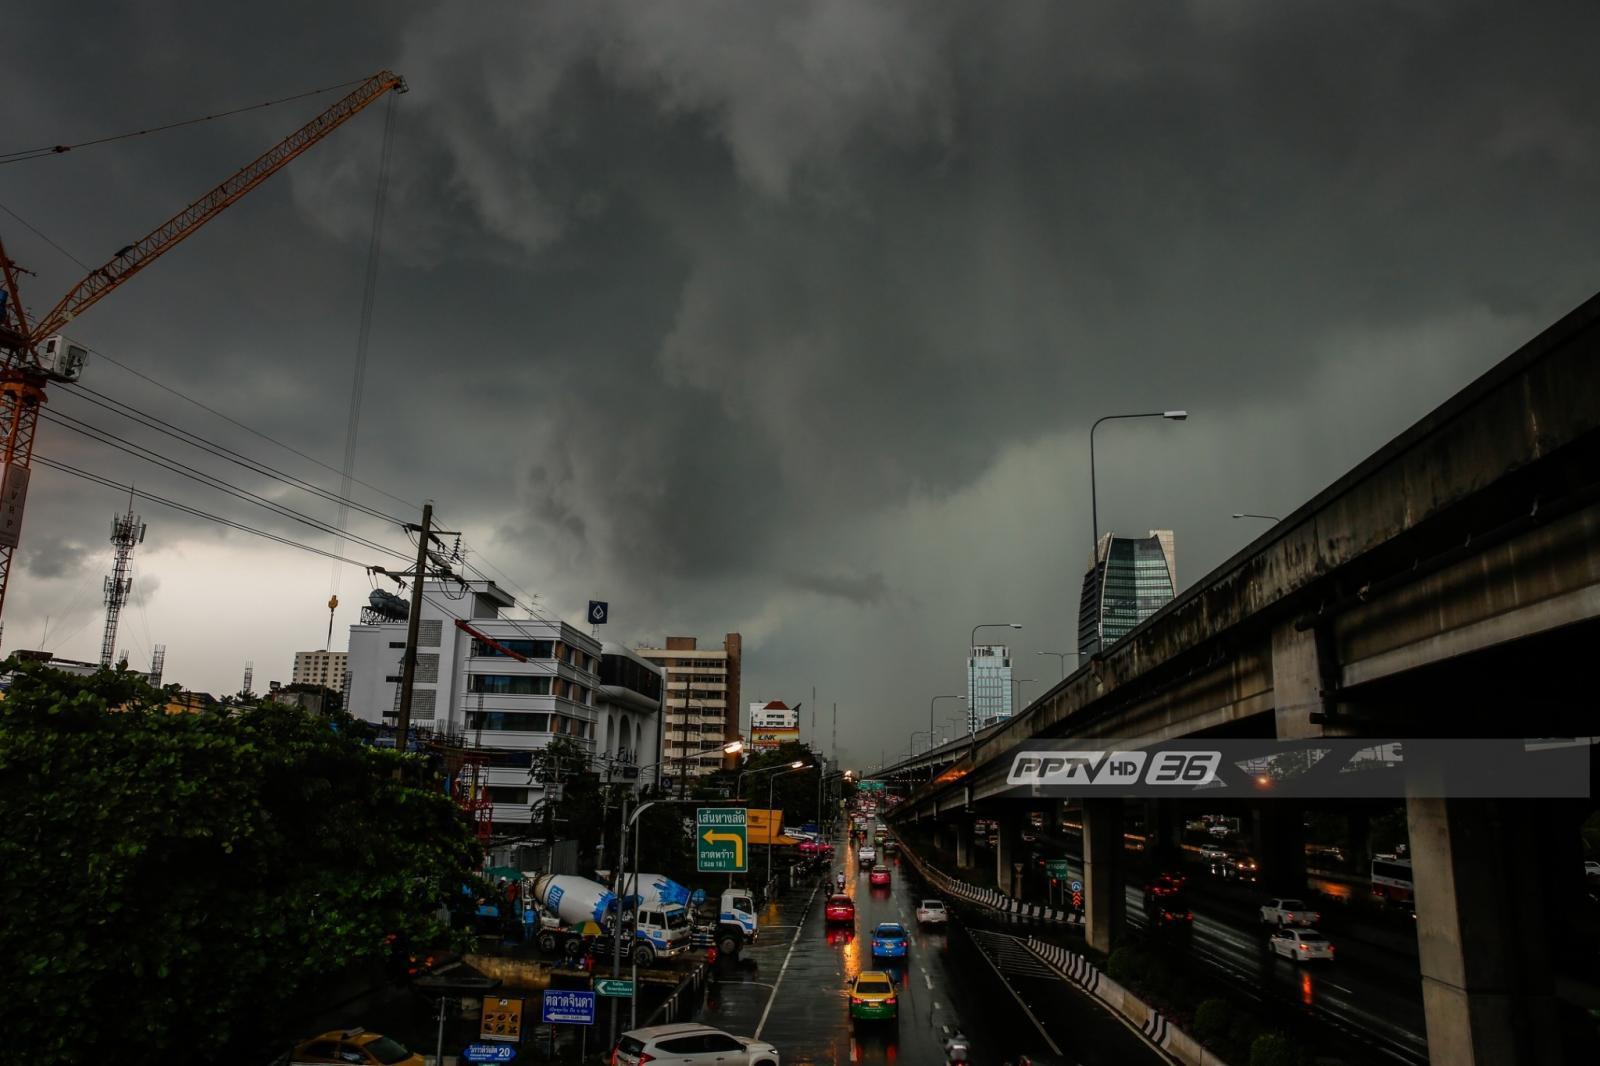 อุตุฯ เตือน ฝนตกทั่วไทยเฉลี่ยร้อยละ 60 ของพื้นที่